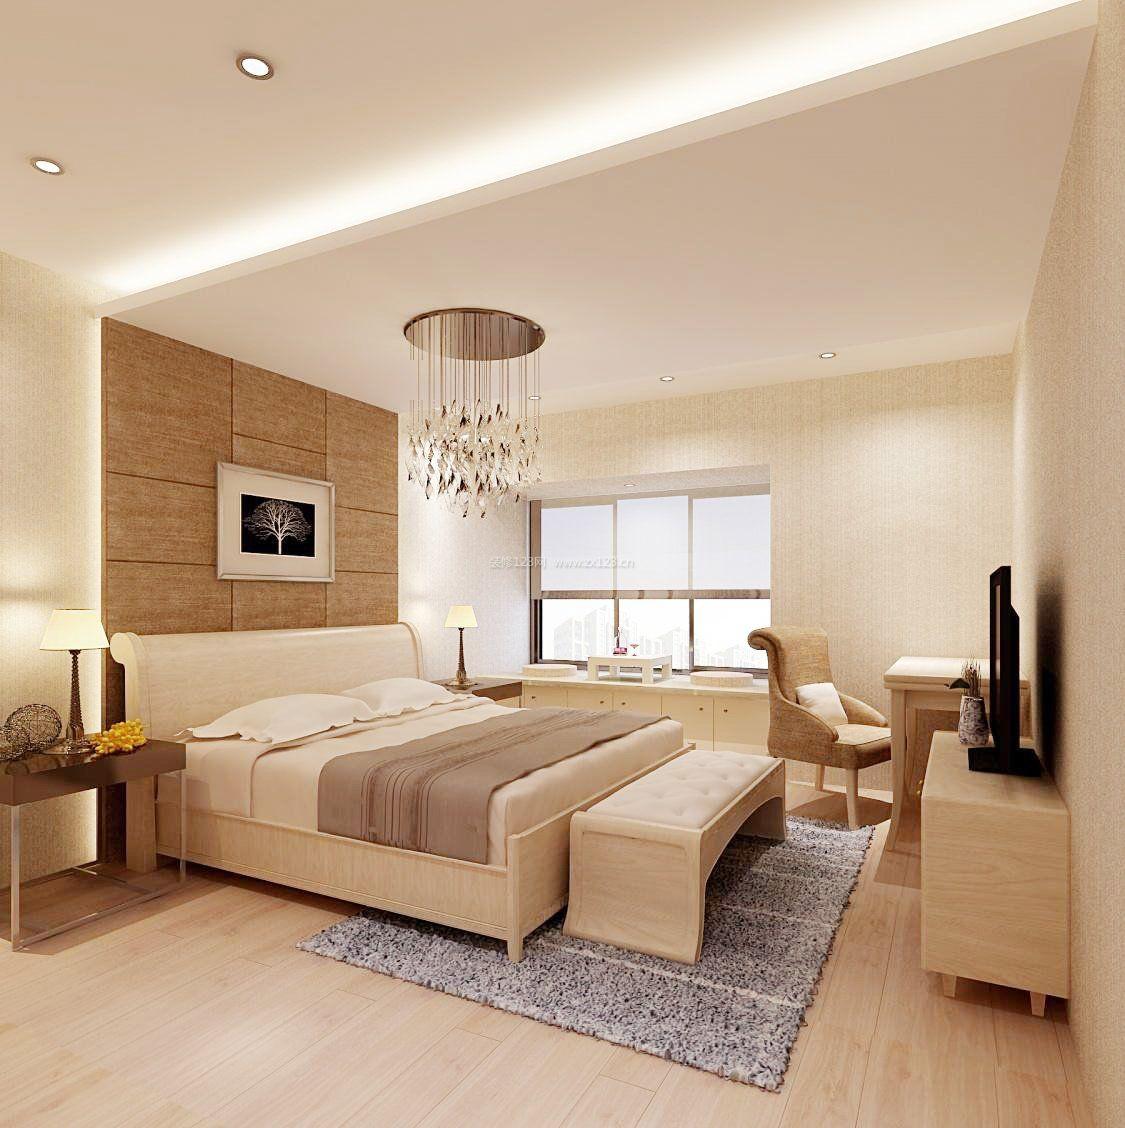 最简洁卧室吊顶装修效果图片